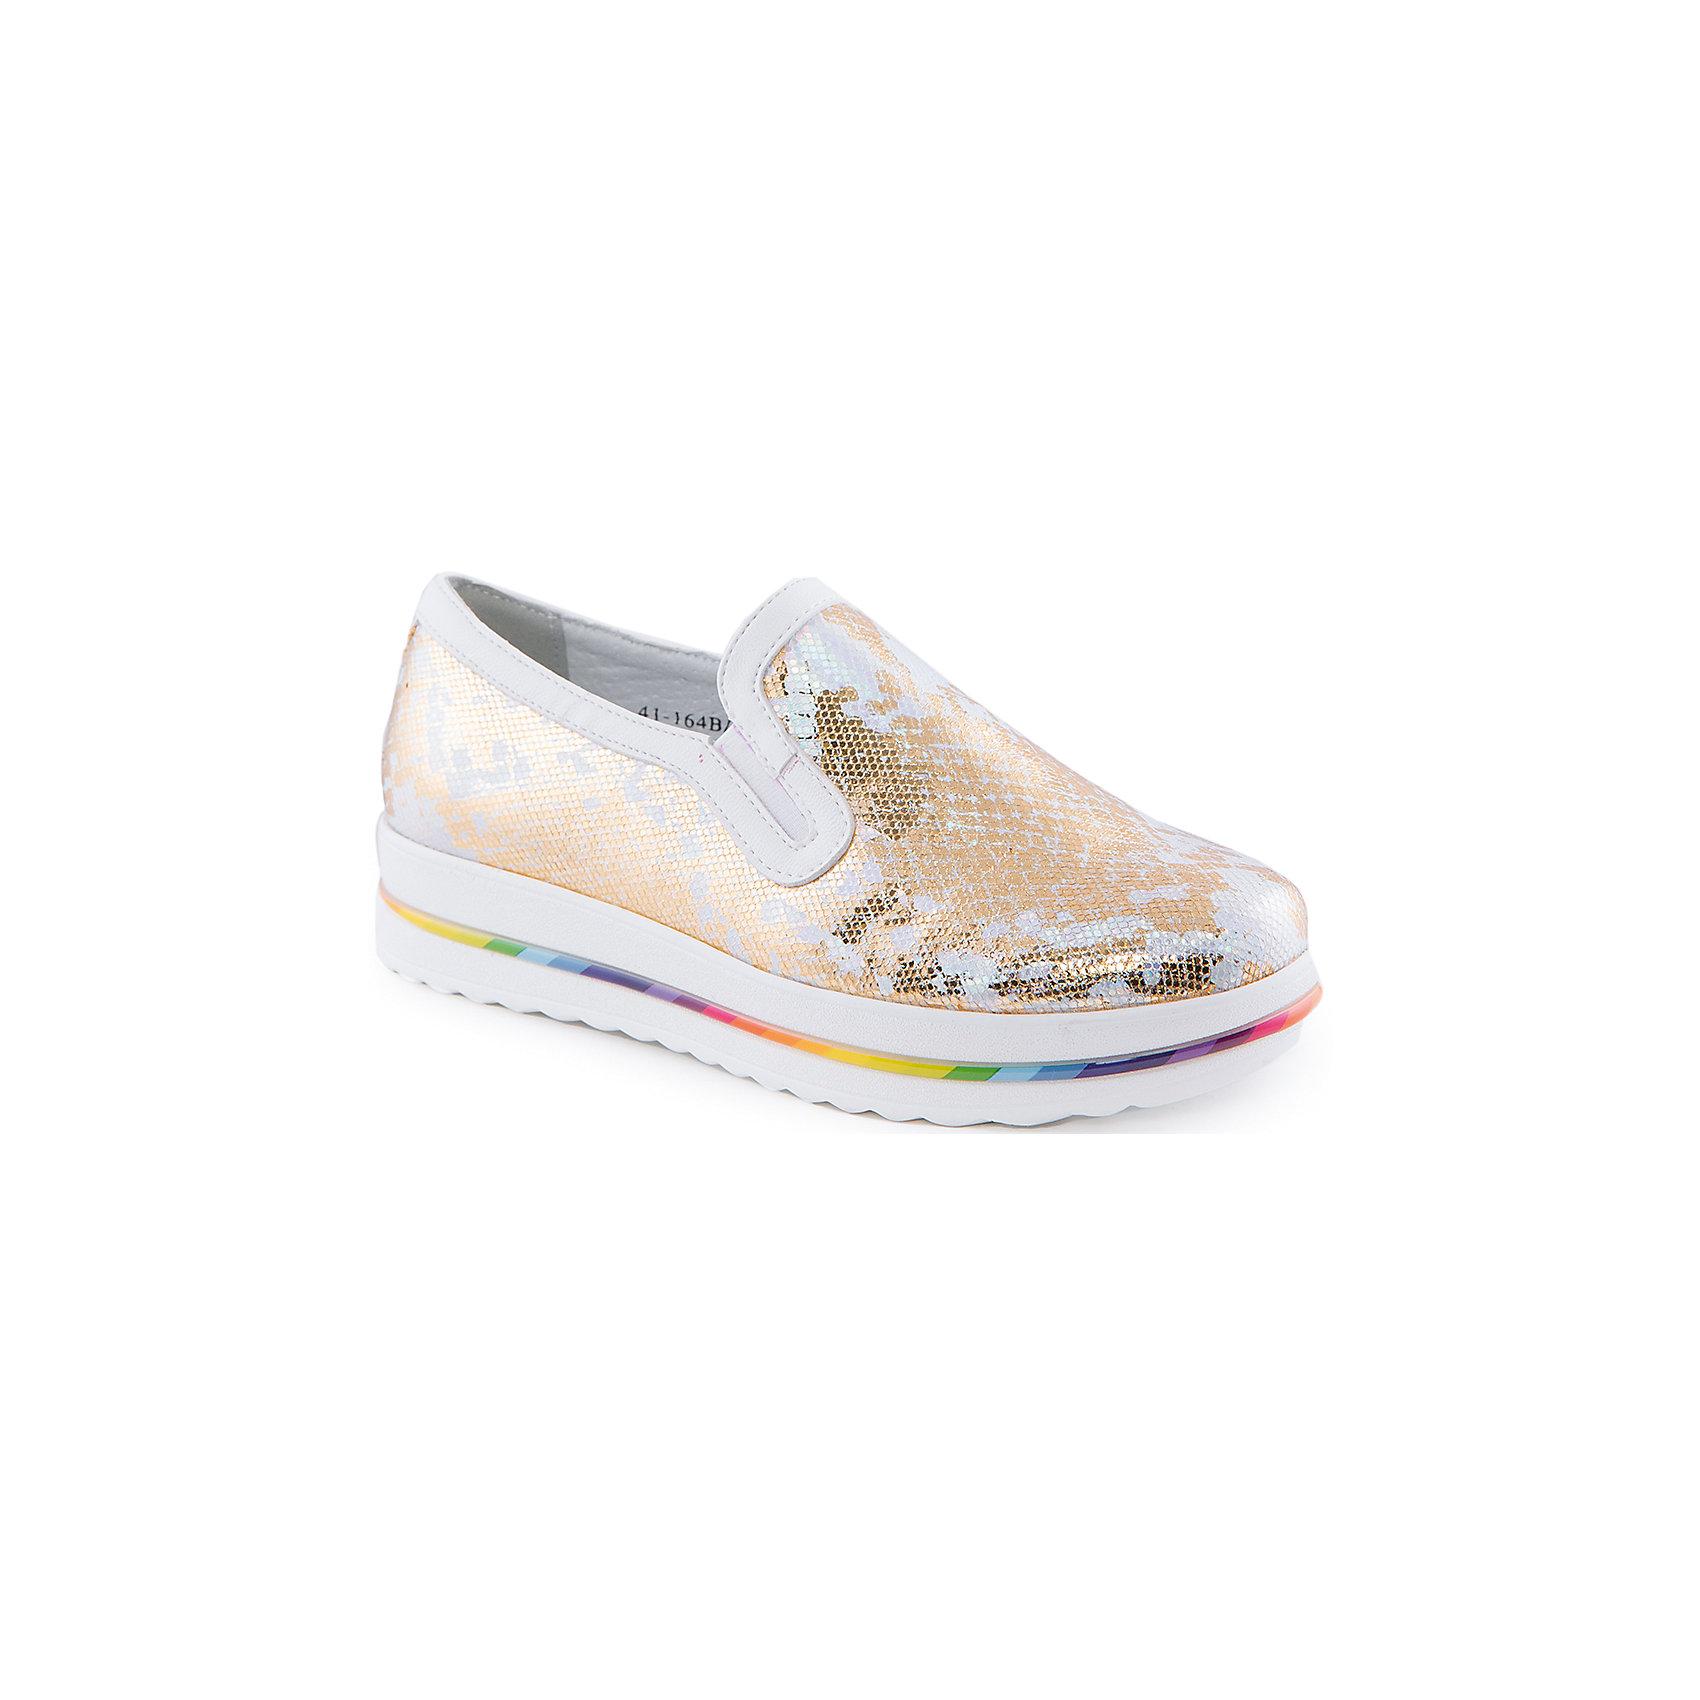 Слипоны для девочки Indigo kidsСлипоны<br>Ботинки для девочки от известного бренда Indigo kids<br><br>Золотистые полуботинки помогут создать интересный образ! Необычный дизайн делает эту модель стильной и привлекающей внимание. Кеды легко надеваются и комфортно садятся по ноге. <br><br>Особенности модели:<br><br>- цвет - золотистый;<br>- стильный дизайн;<br>- удобная колодка;<br>- натуральная кожаная подкладка;<br>- устойчивая белая подошва с яркой вставкой;<br>- легко надеваются благодаря резинкам.<br><br>Дополнительная информация:<br><br>Состав:<br><br>верх – искусственная кожа;<br>подкладка - натуральная кожа;<br>подошва - ТЭП.<br><br>Ботинки для девочки Indigo kids (Индиго Кидс) можно купить в нашем магазине.<br><br>Ширина мм: 262<br>Глубина мм: 176<br>Высота мм: 97<br>Вес г: 427<br>Цвет: золотой<br>Возраст от месяцев: 132<br>Возраст до месяцев: 144<br>Пол: Женский<br>Возраст: Детский<br>Размер: 35,30,34,33,32,31<br>SKU: 4519978